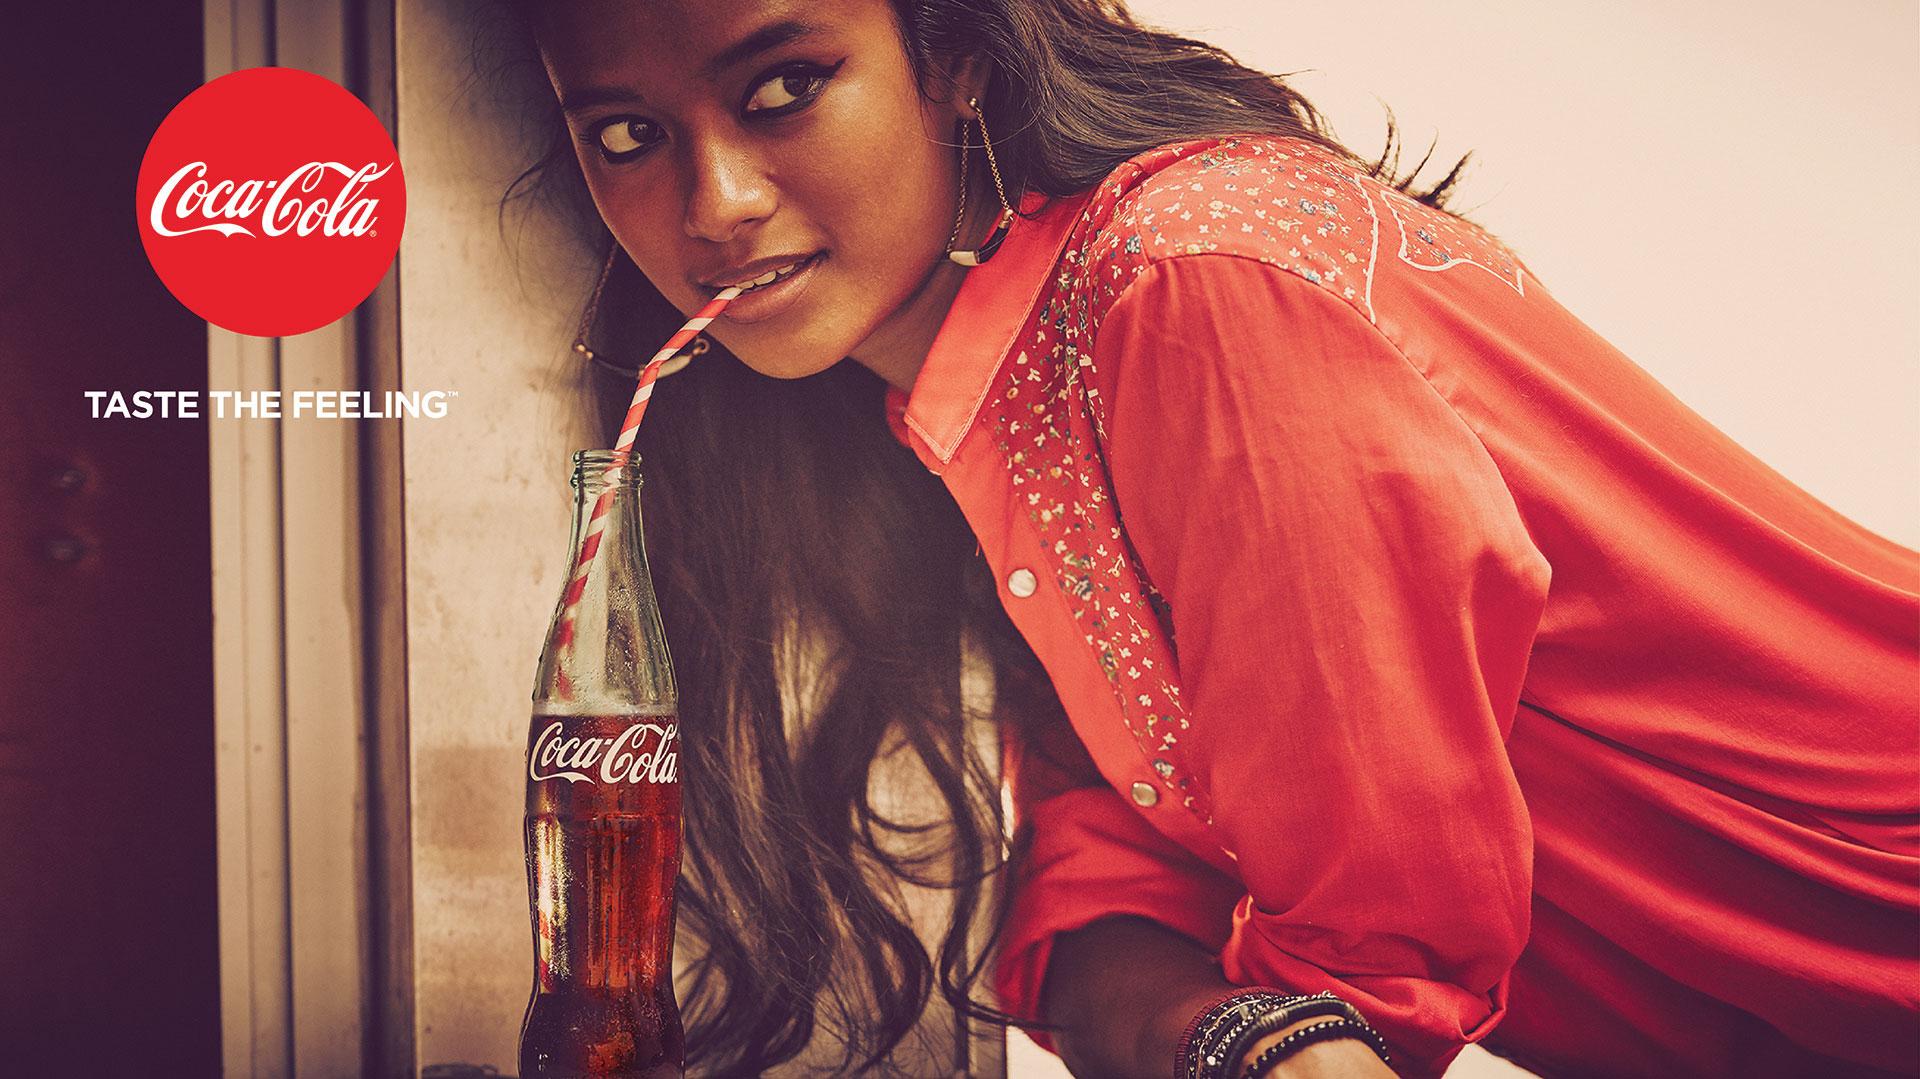 coke-taste-the-feeling-4.jpg